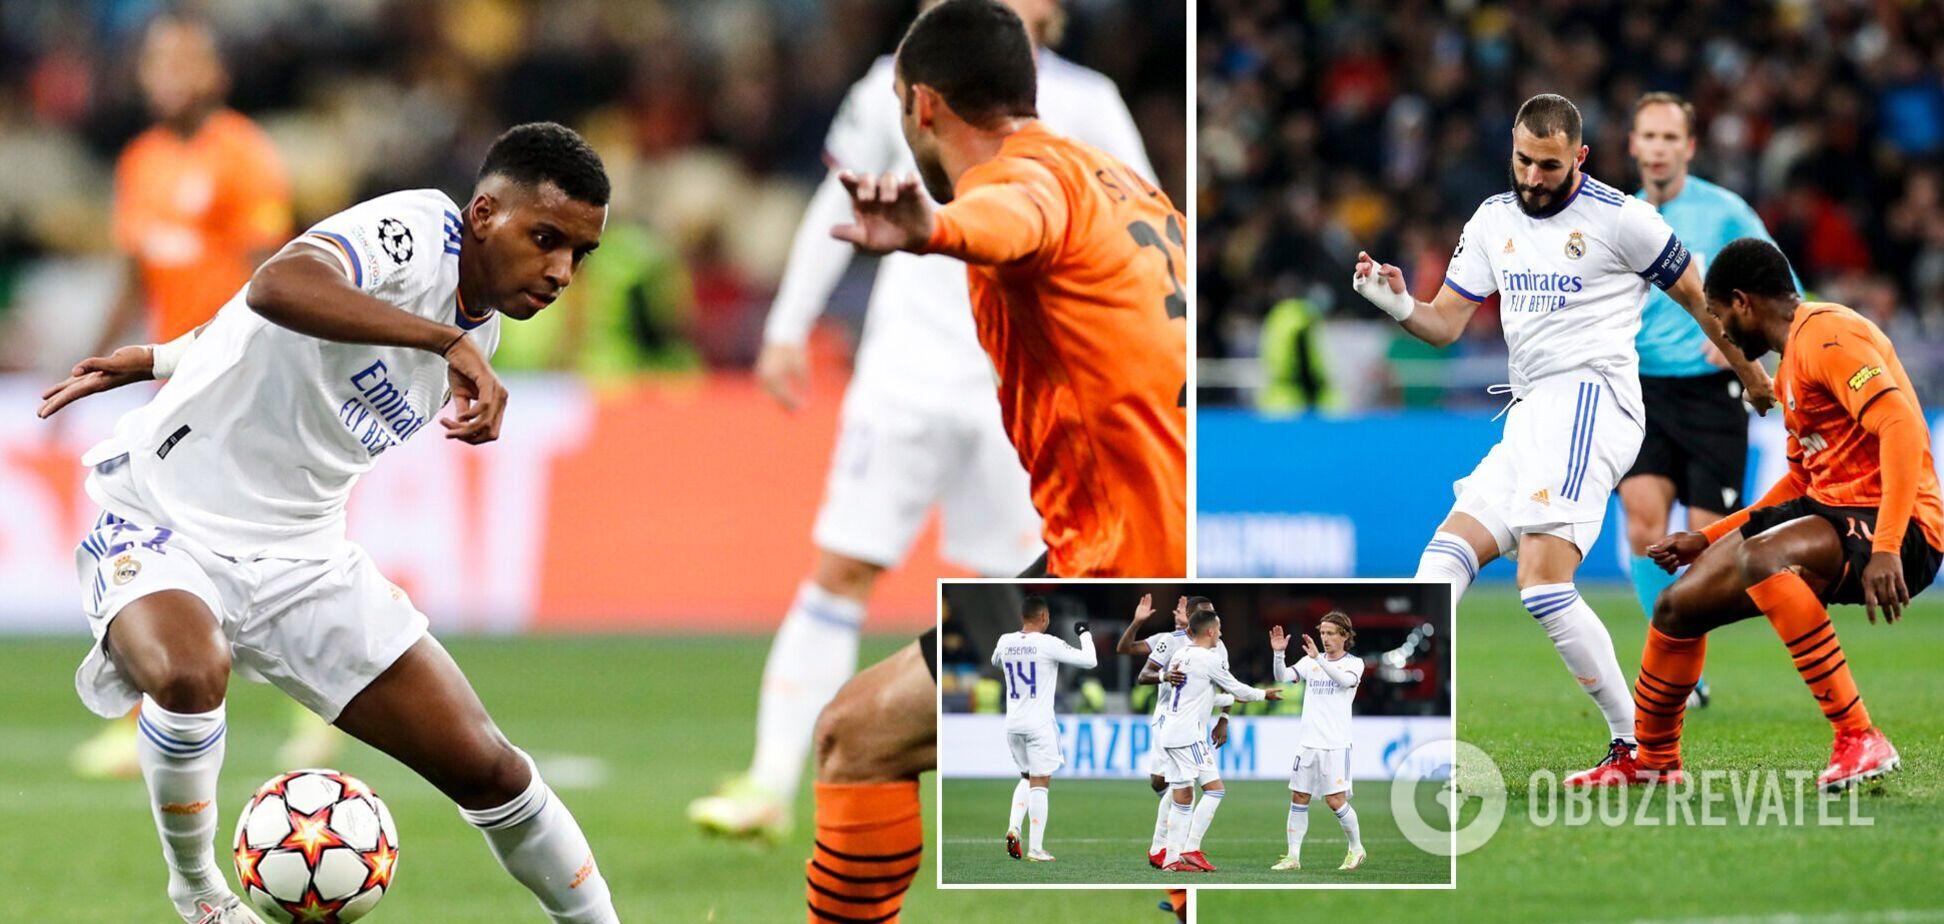 Провал на старті тайму. 'Шахтар' – 'Реал' – 0-4: онлайн-трансляція матчу Ліги чемпіонів